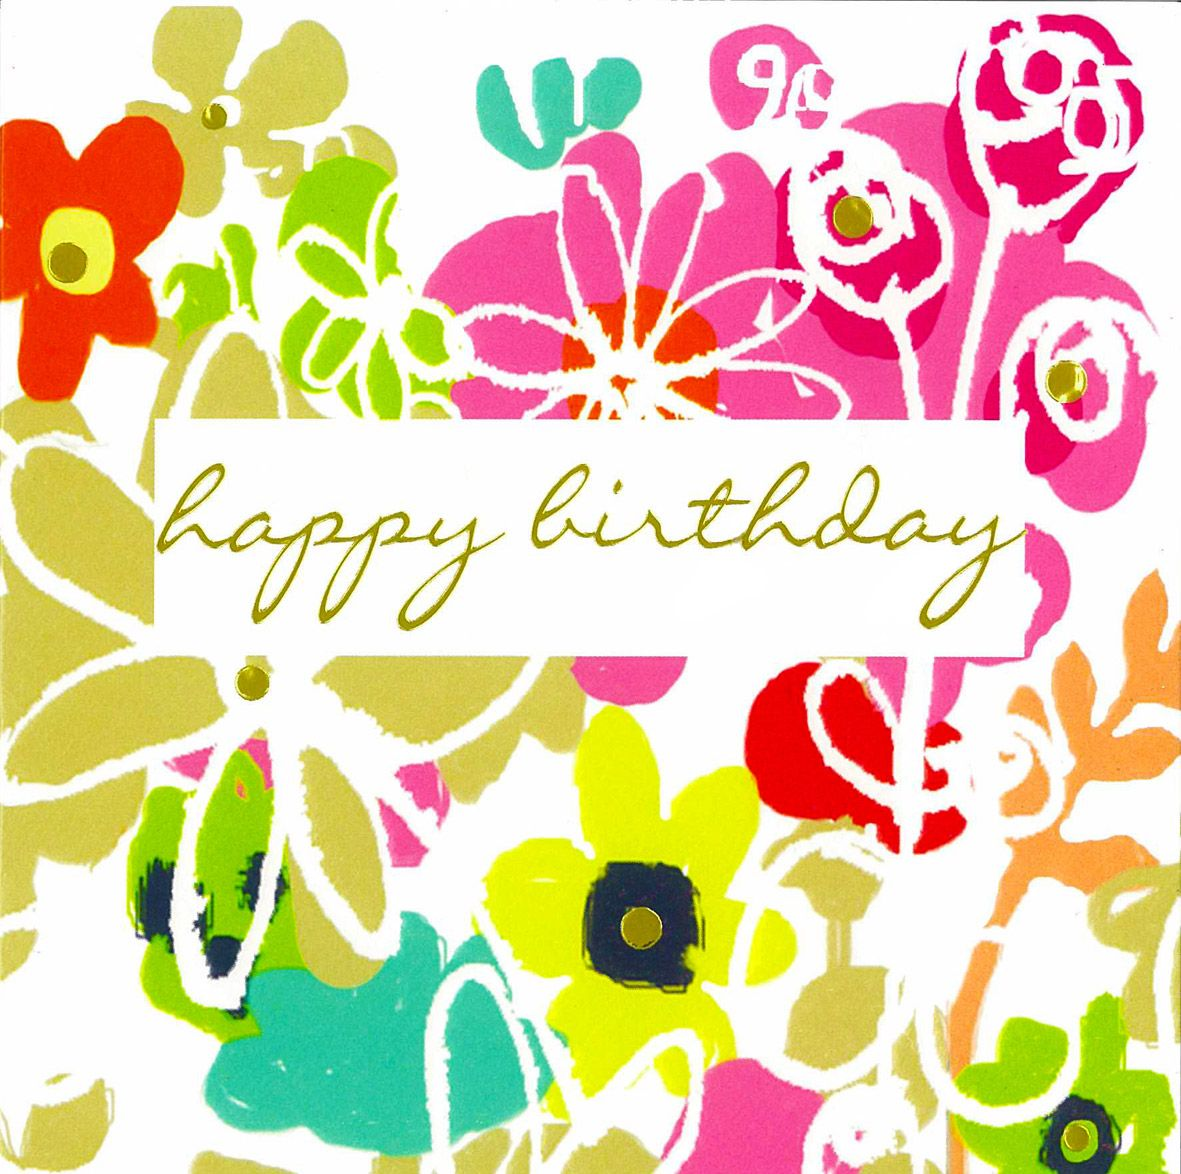 Henderson Greetings Happy Birthday Greetings Happy Birthday Wishes Birthday Wishes Flowers